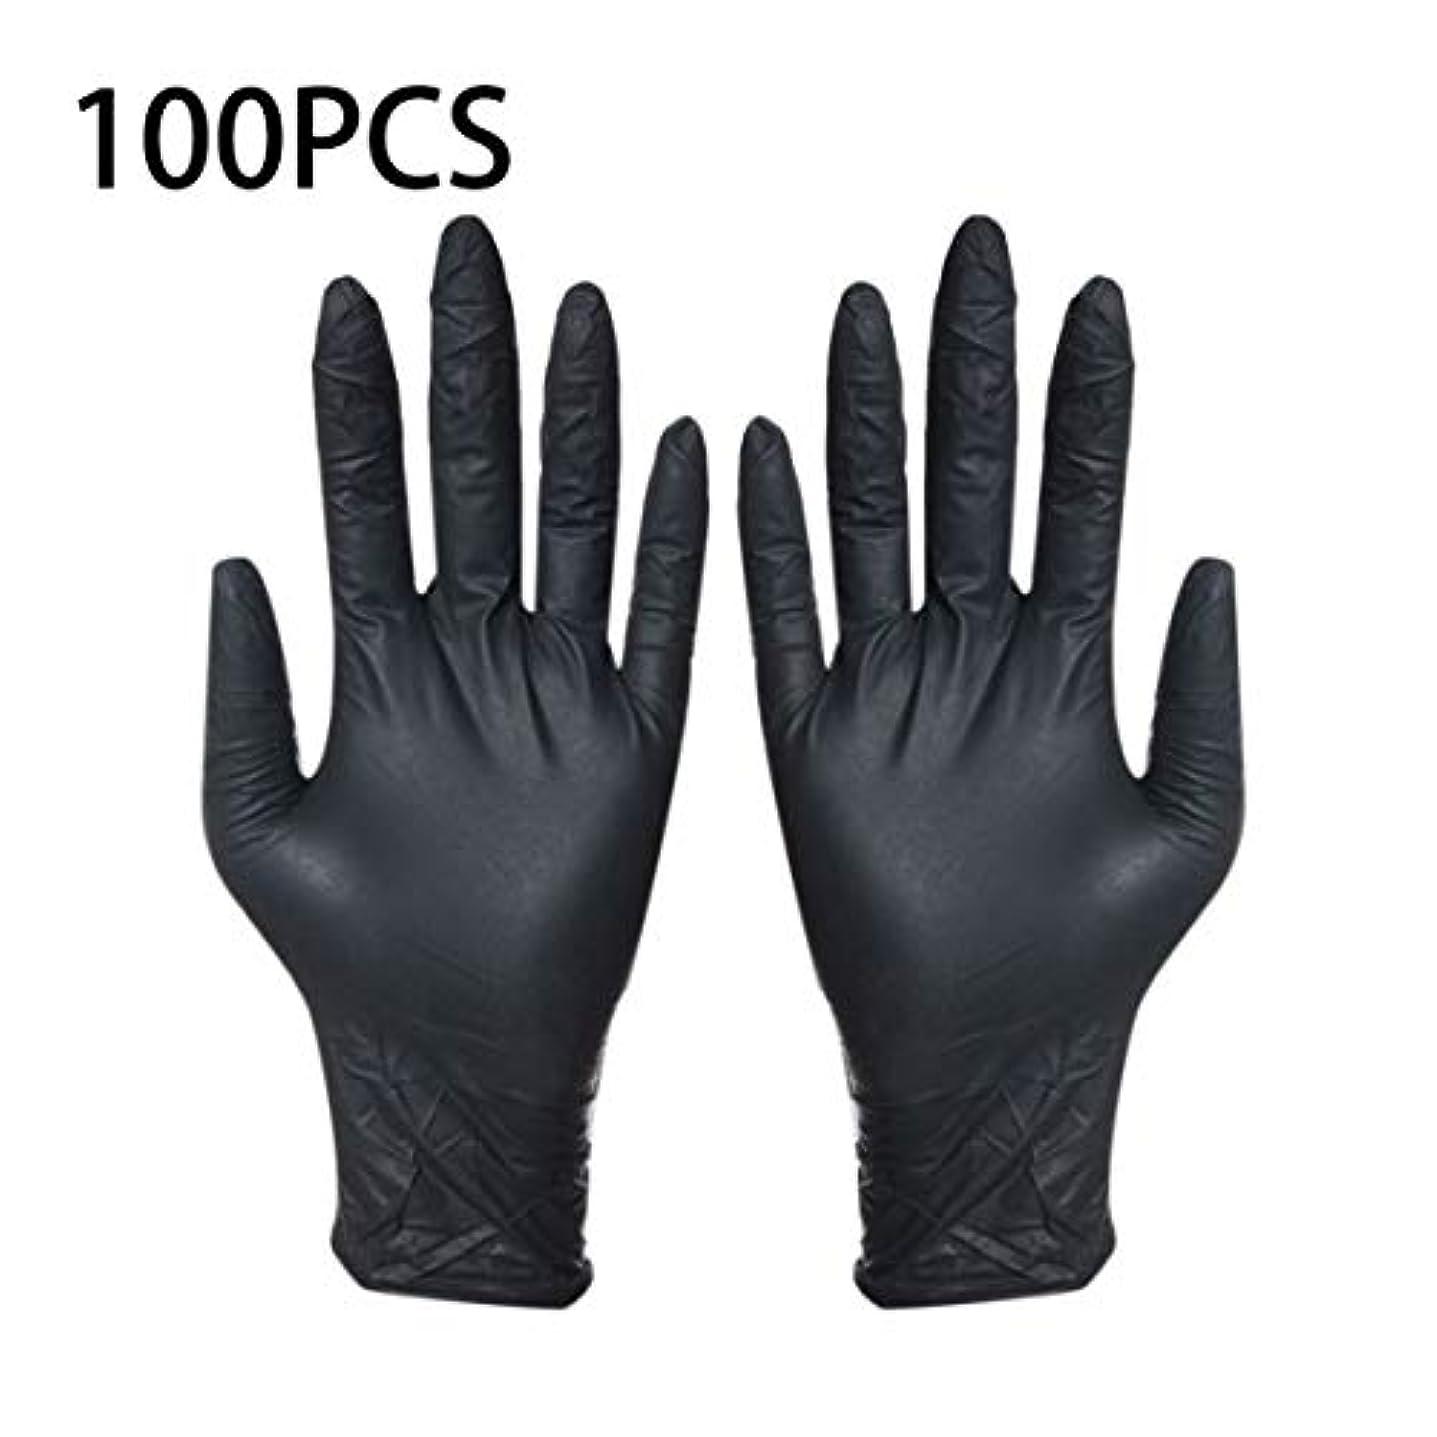 意志に反するぶどう低いintercorey保護具100ピース使い捨て黒手袋家庭用クリーニング手袋ニトリルラボネイルアート医療タトゥー帯電防止手袋